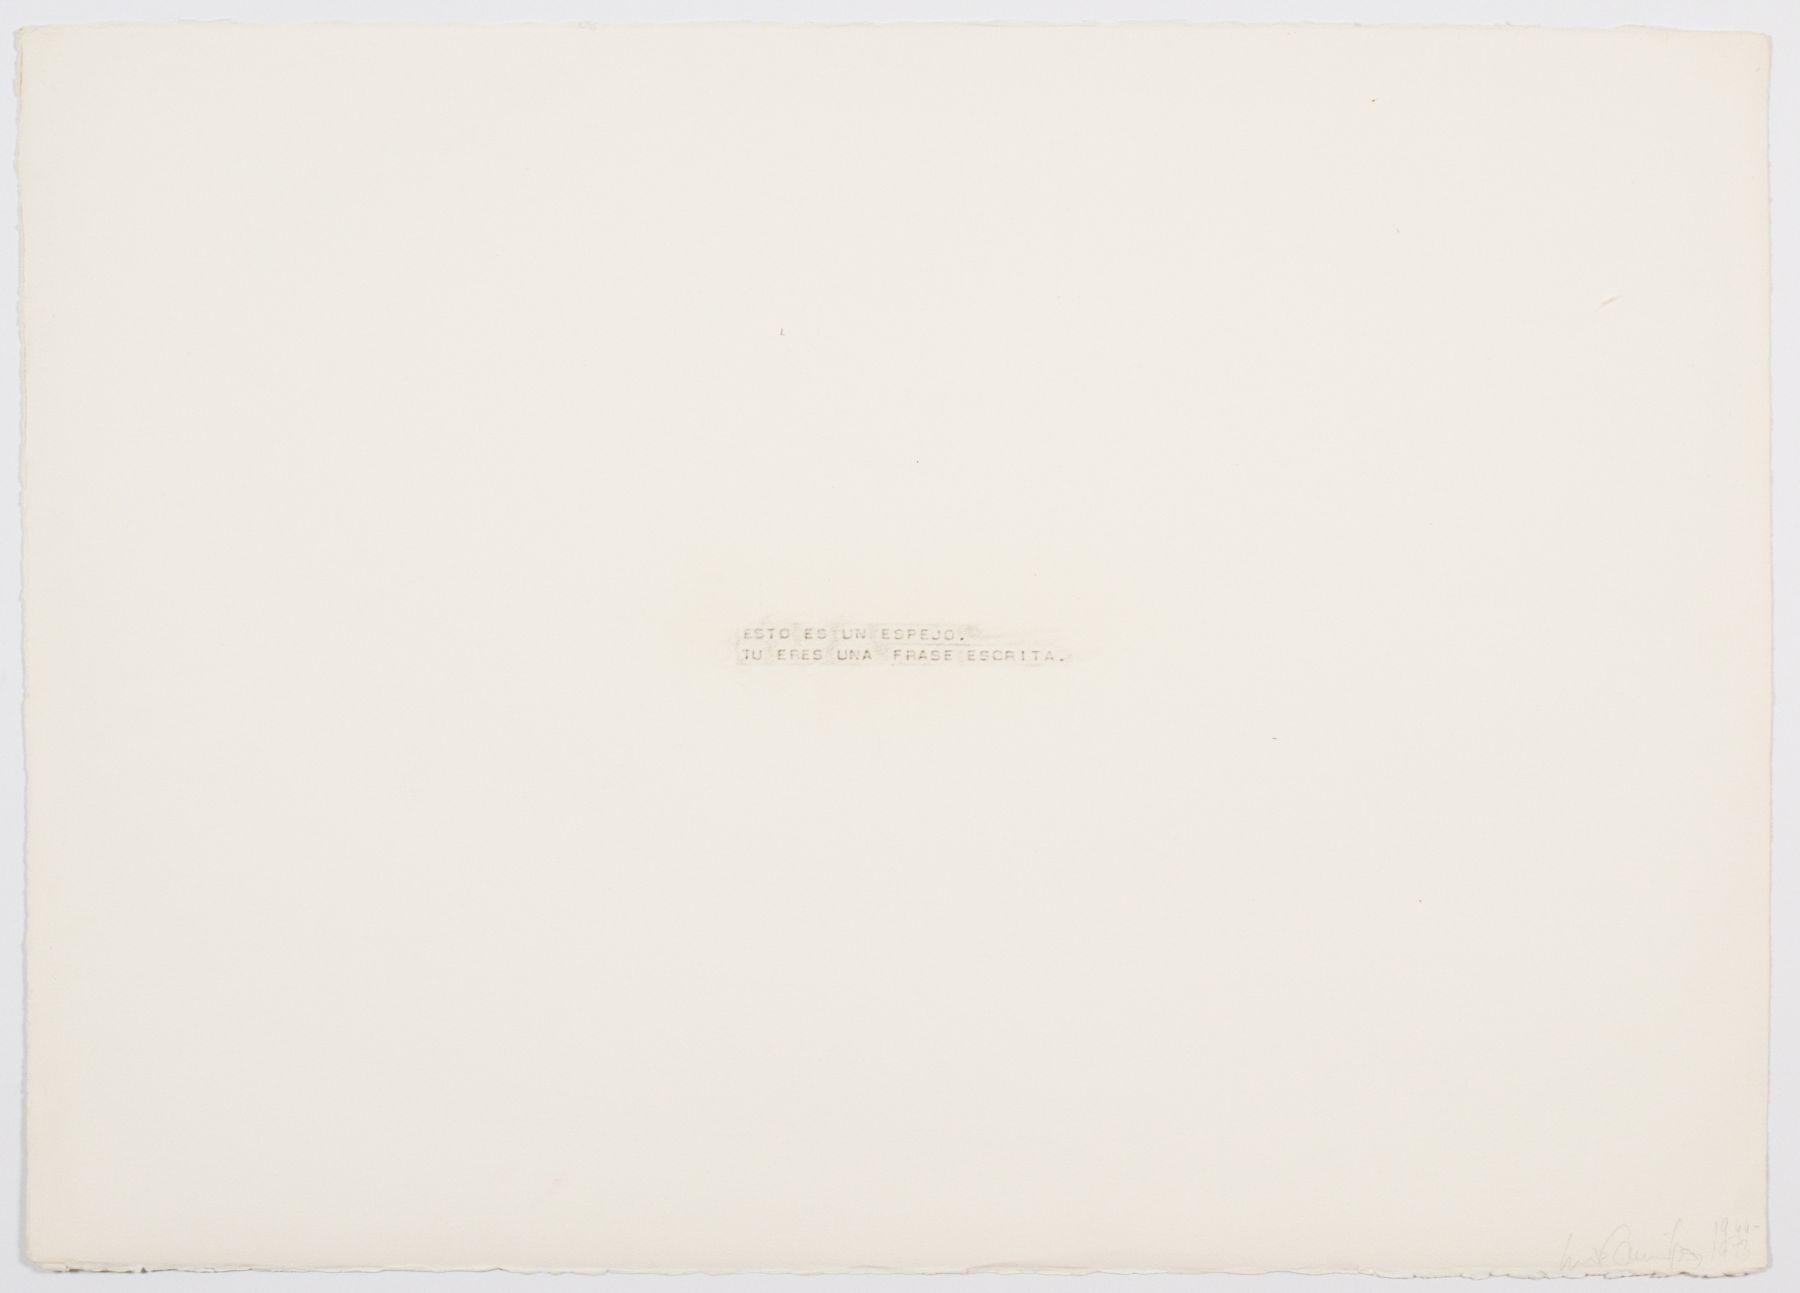 Luis Camnitzer, Esto es un espejo. Tu eres una frase escrita., 1966-73